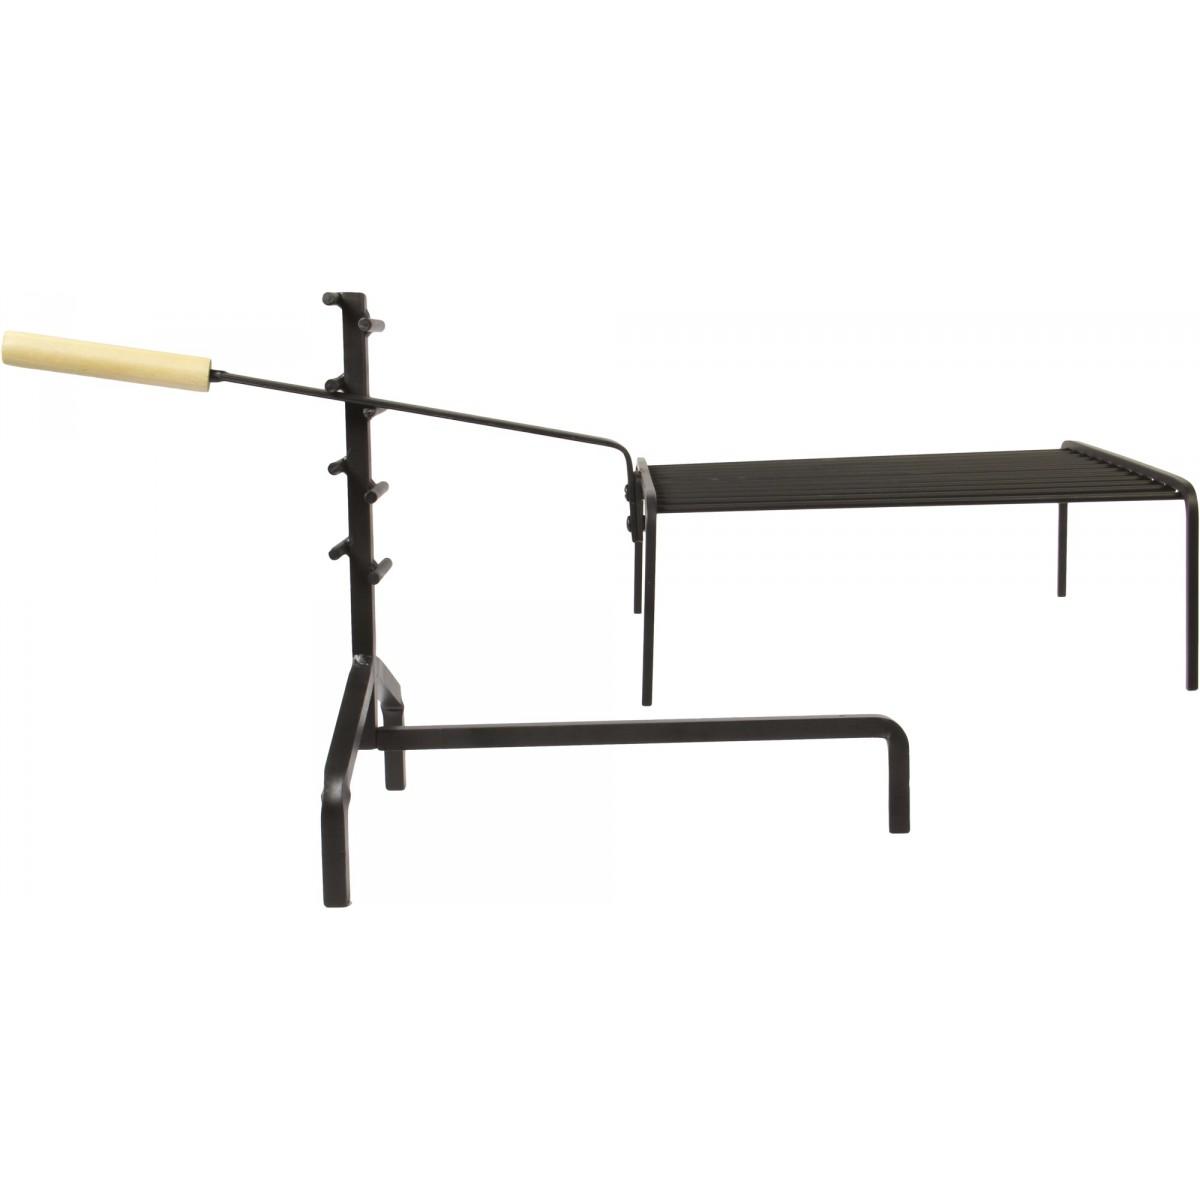 Support crémaillère avec grille PVM - Hauteur 36 cm